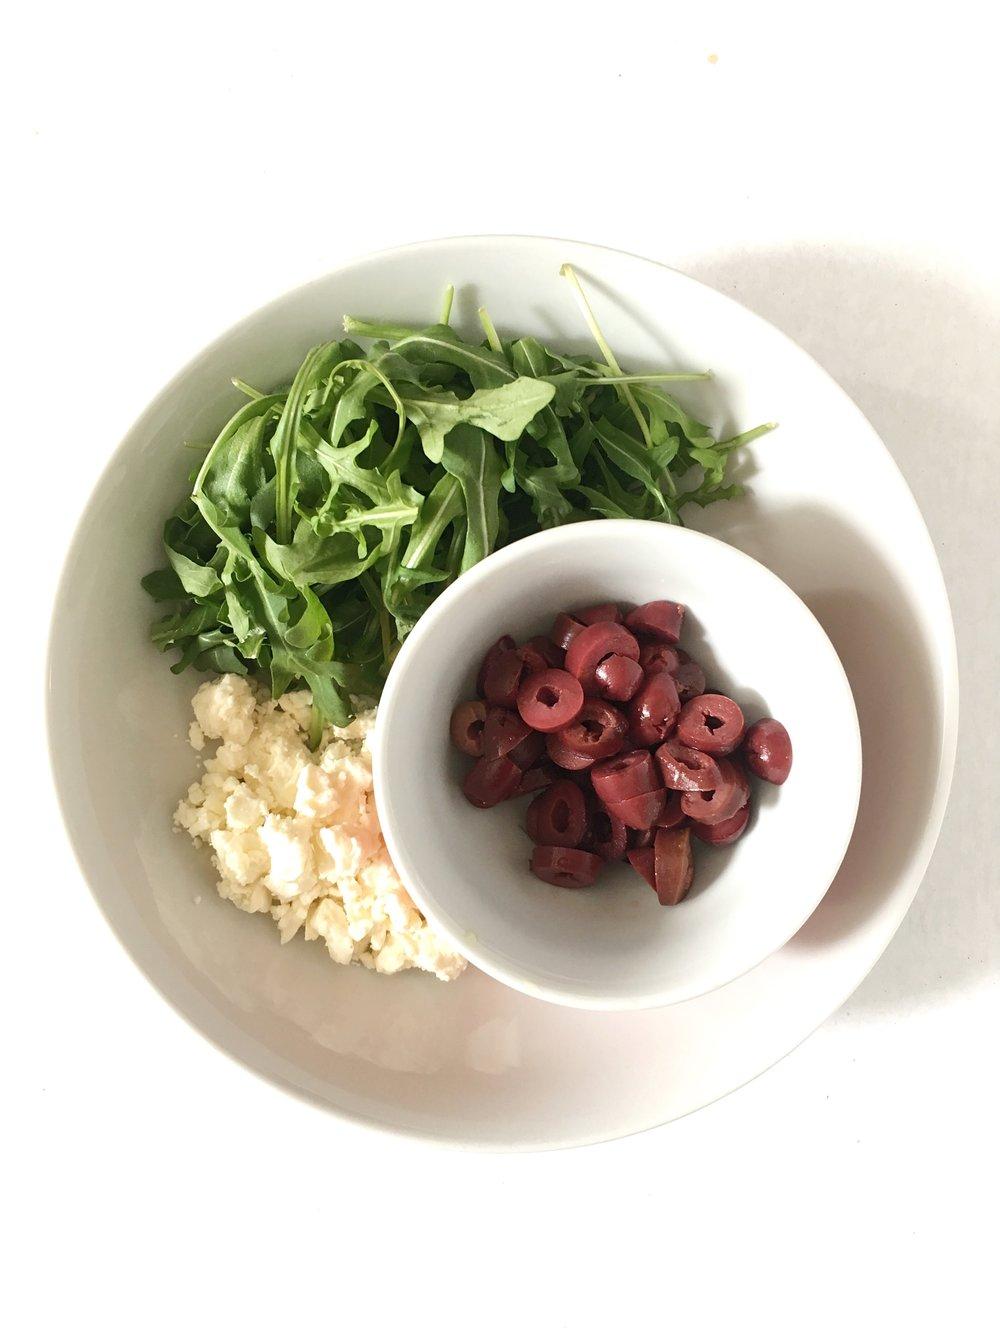 feta, kalamata olives, arugula